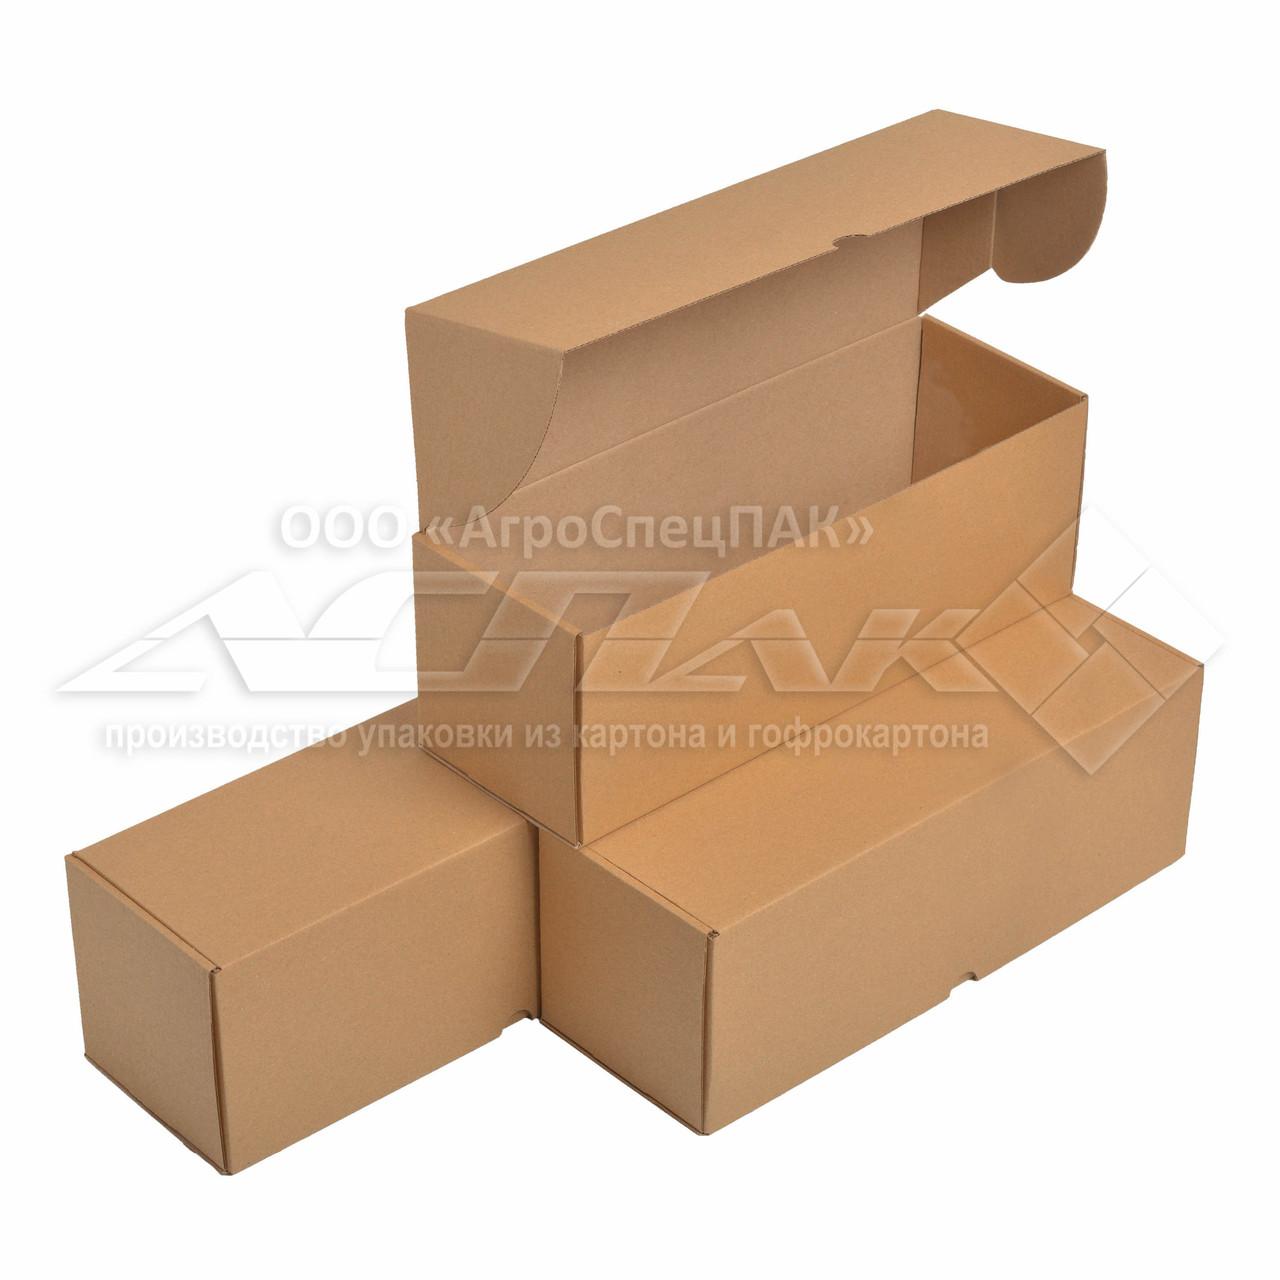 Самосборные коробки 350x120x120 бурые. Крафтовые коробки.